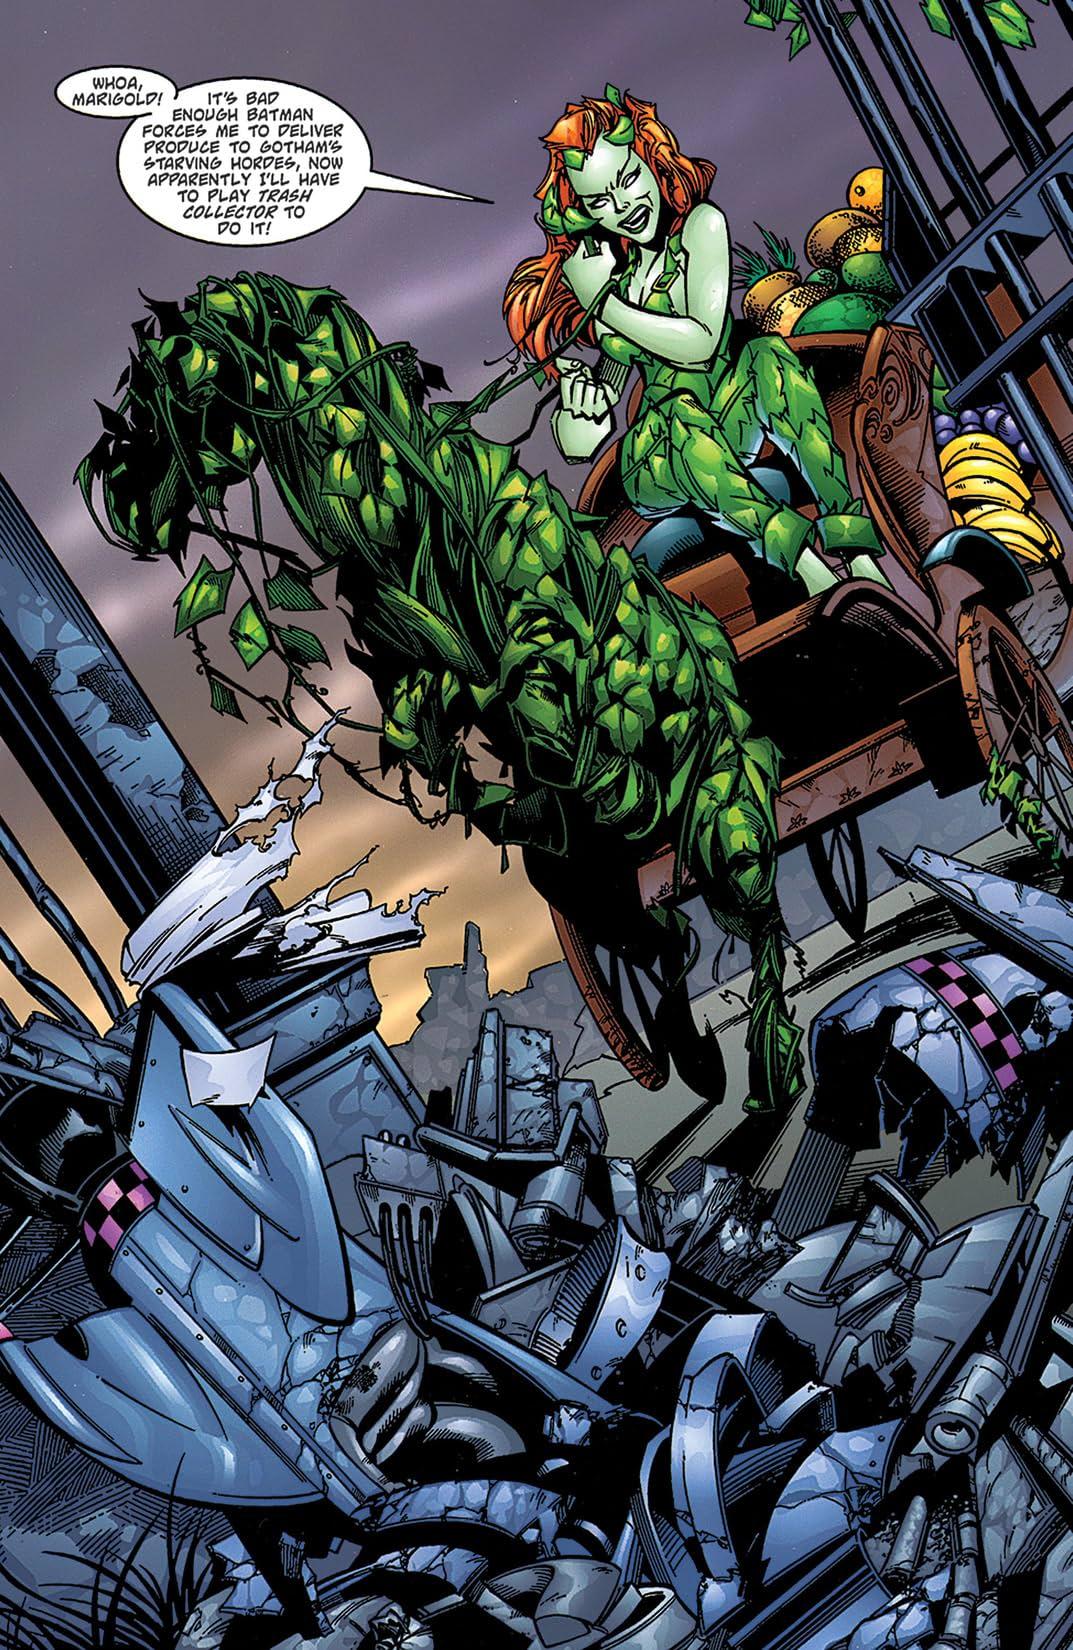 Batman: Harley Quinn #1